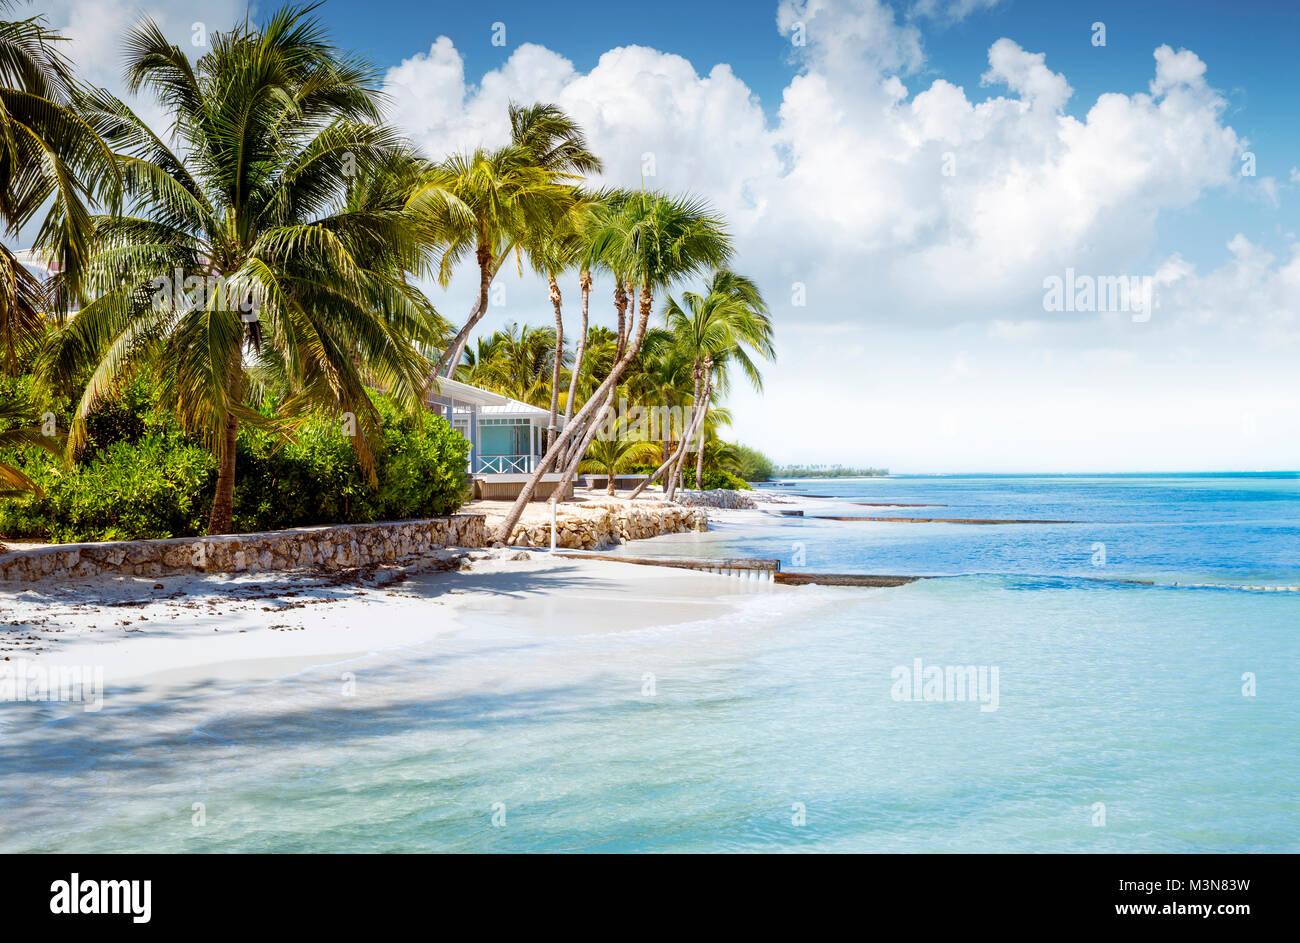 Bungalow sulla spiaggia su un isola tropicale Immagini Stock